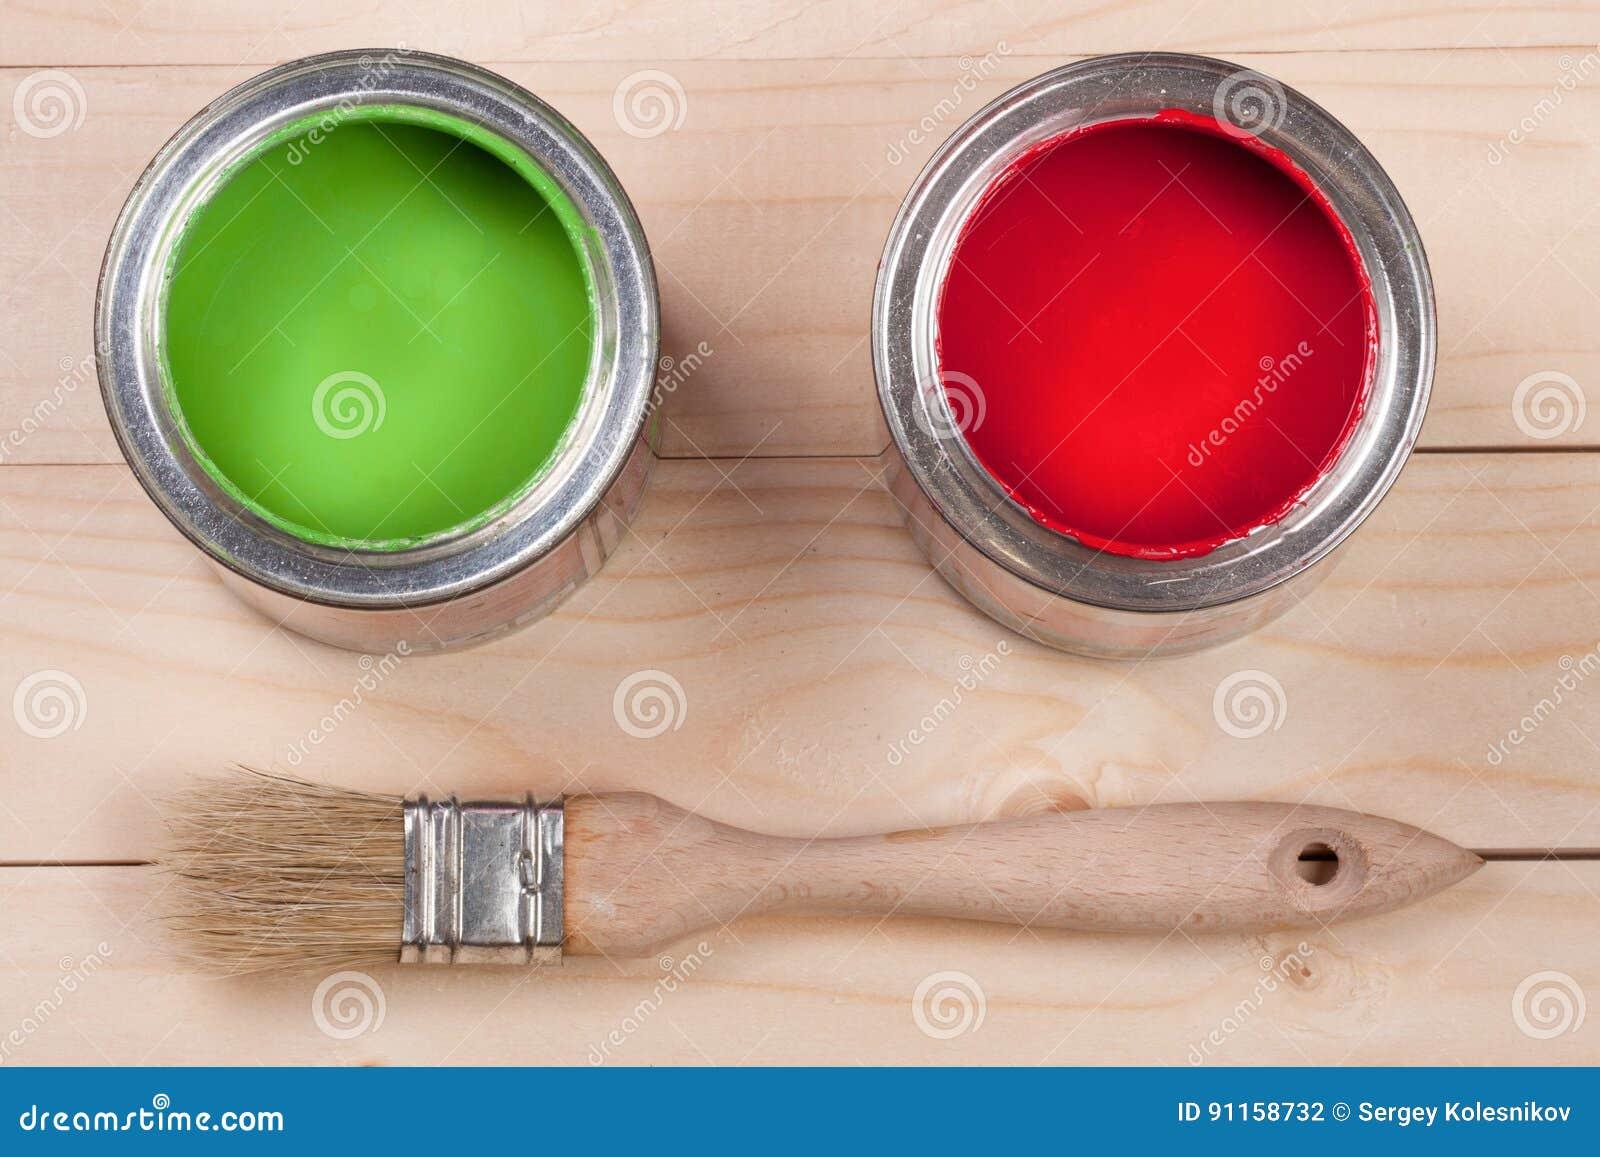 Pintura verde e vermelha no banco a reparar e escovar no fundo de madeira claro